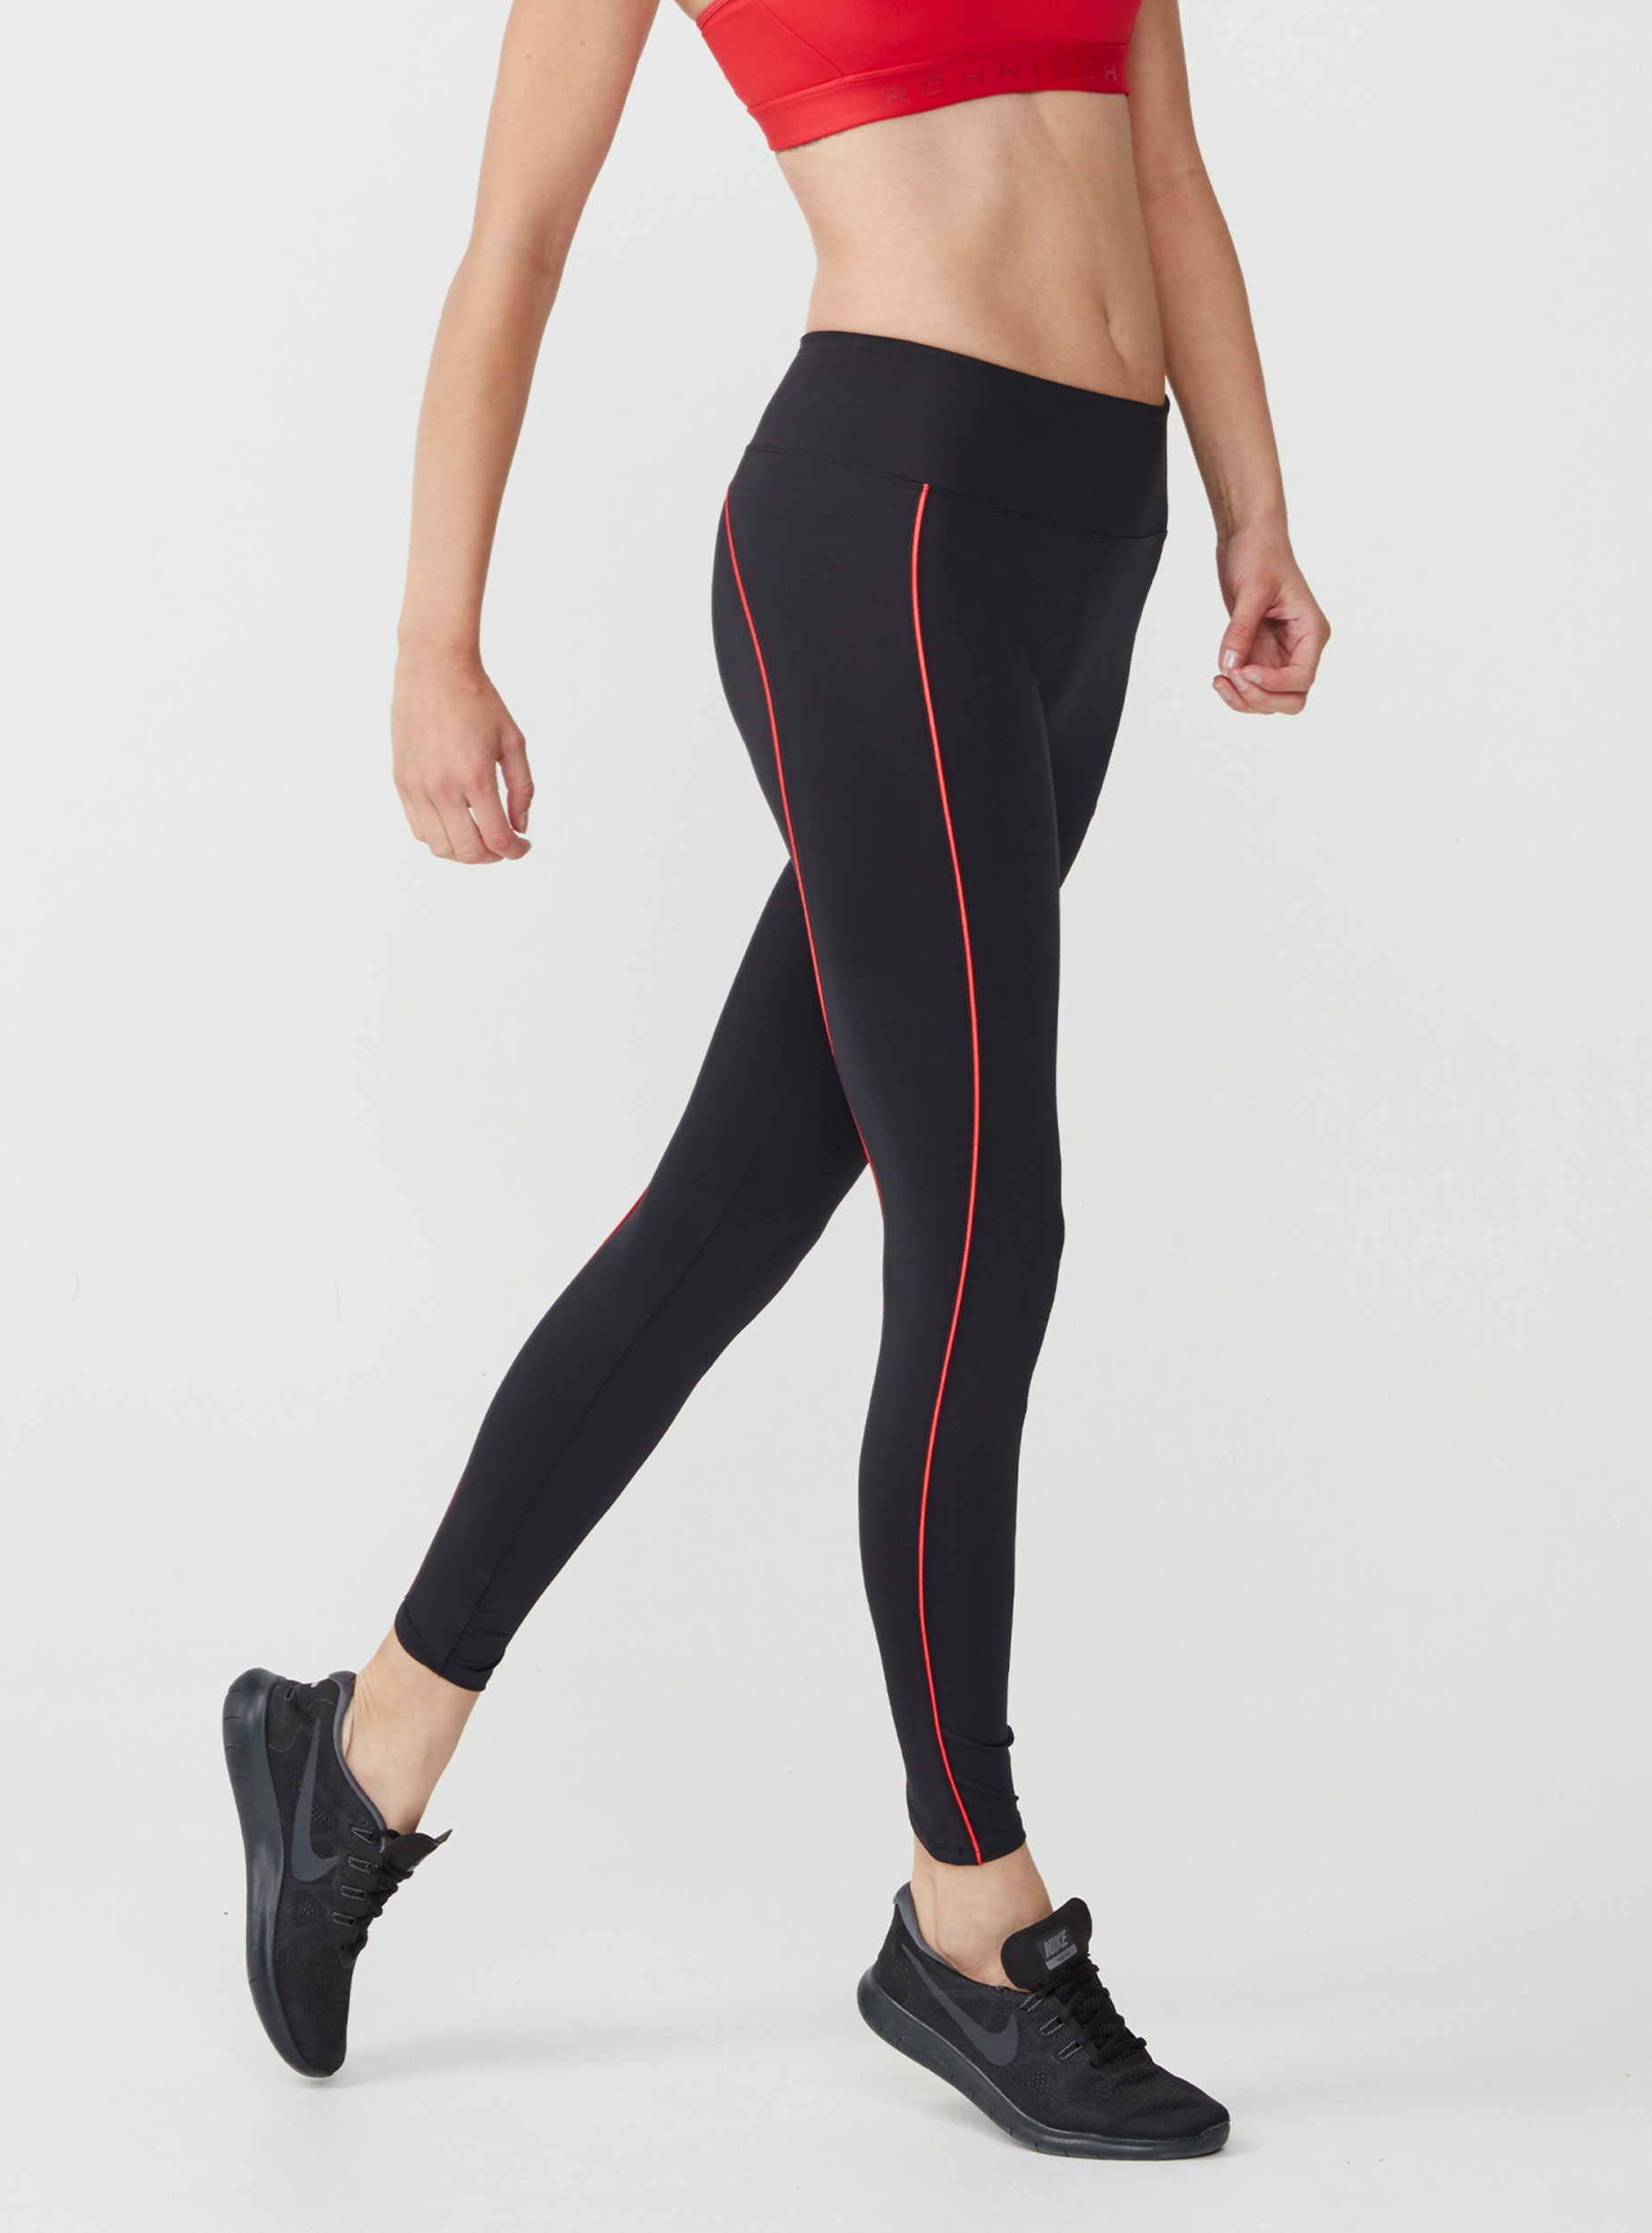 e8497c92894 Röhnisch sportlegging Shape Sleek dames zwart/rood - Internet ...